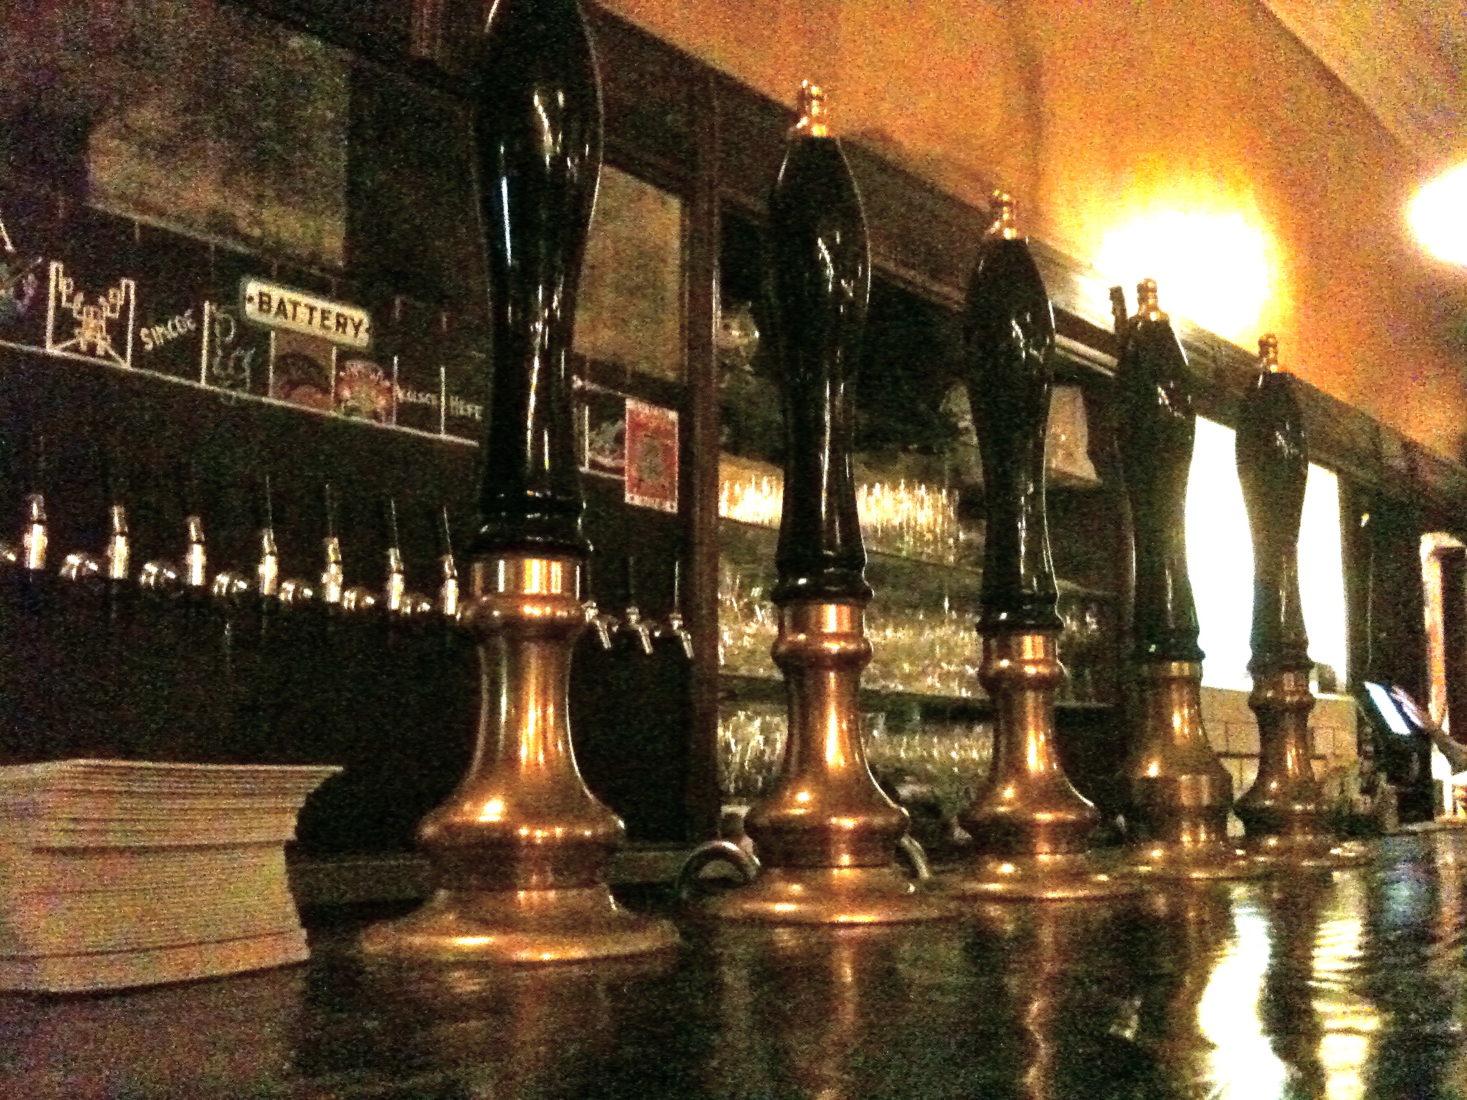 98. Magnolia Brew Pub, San Francisco, CA 2010